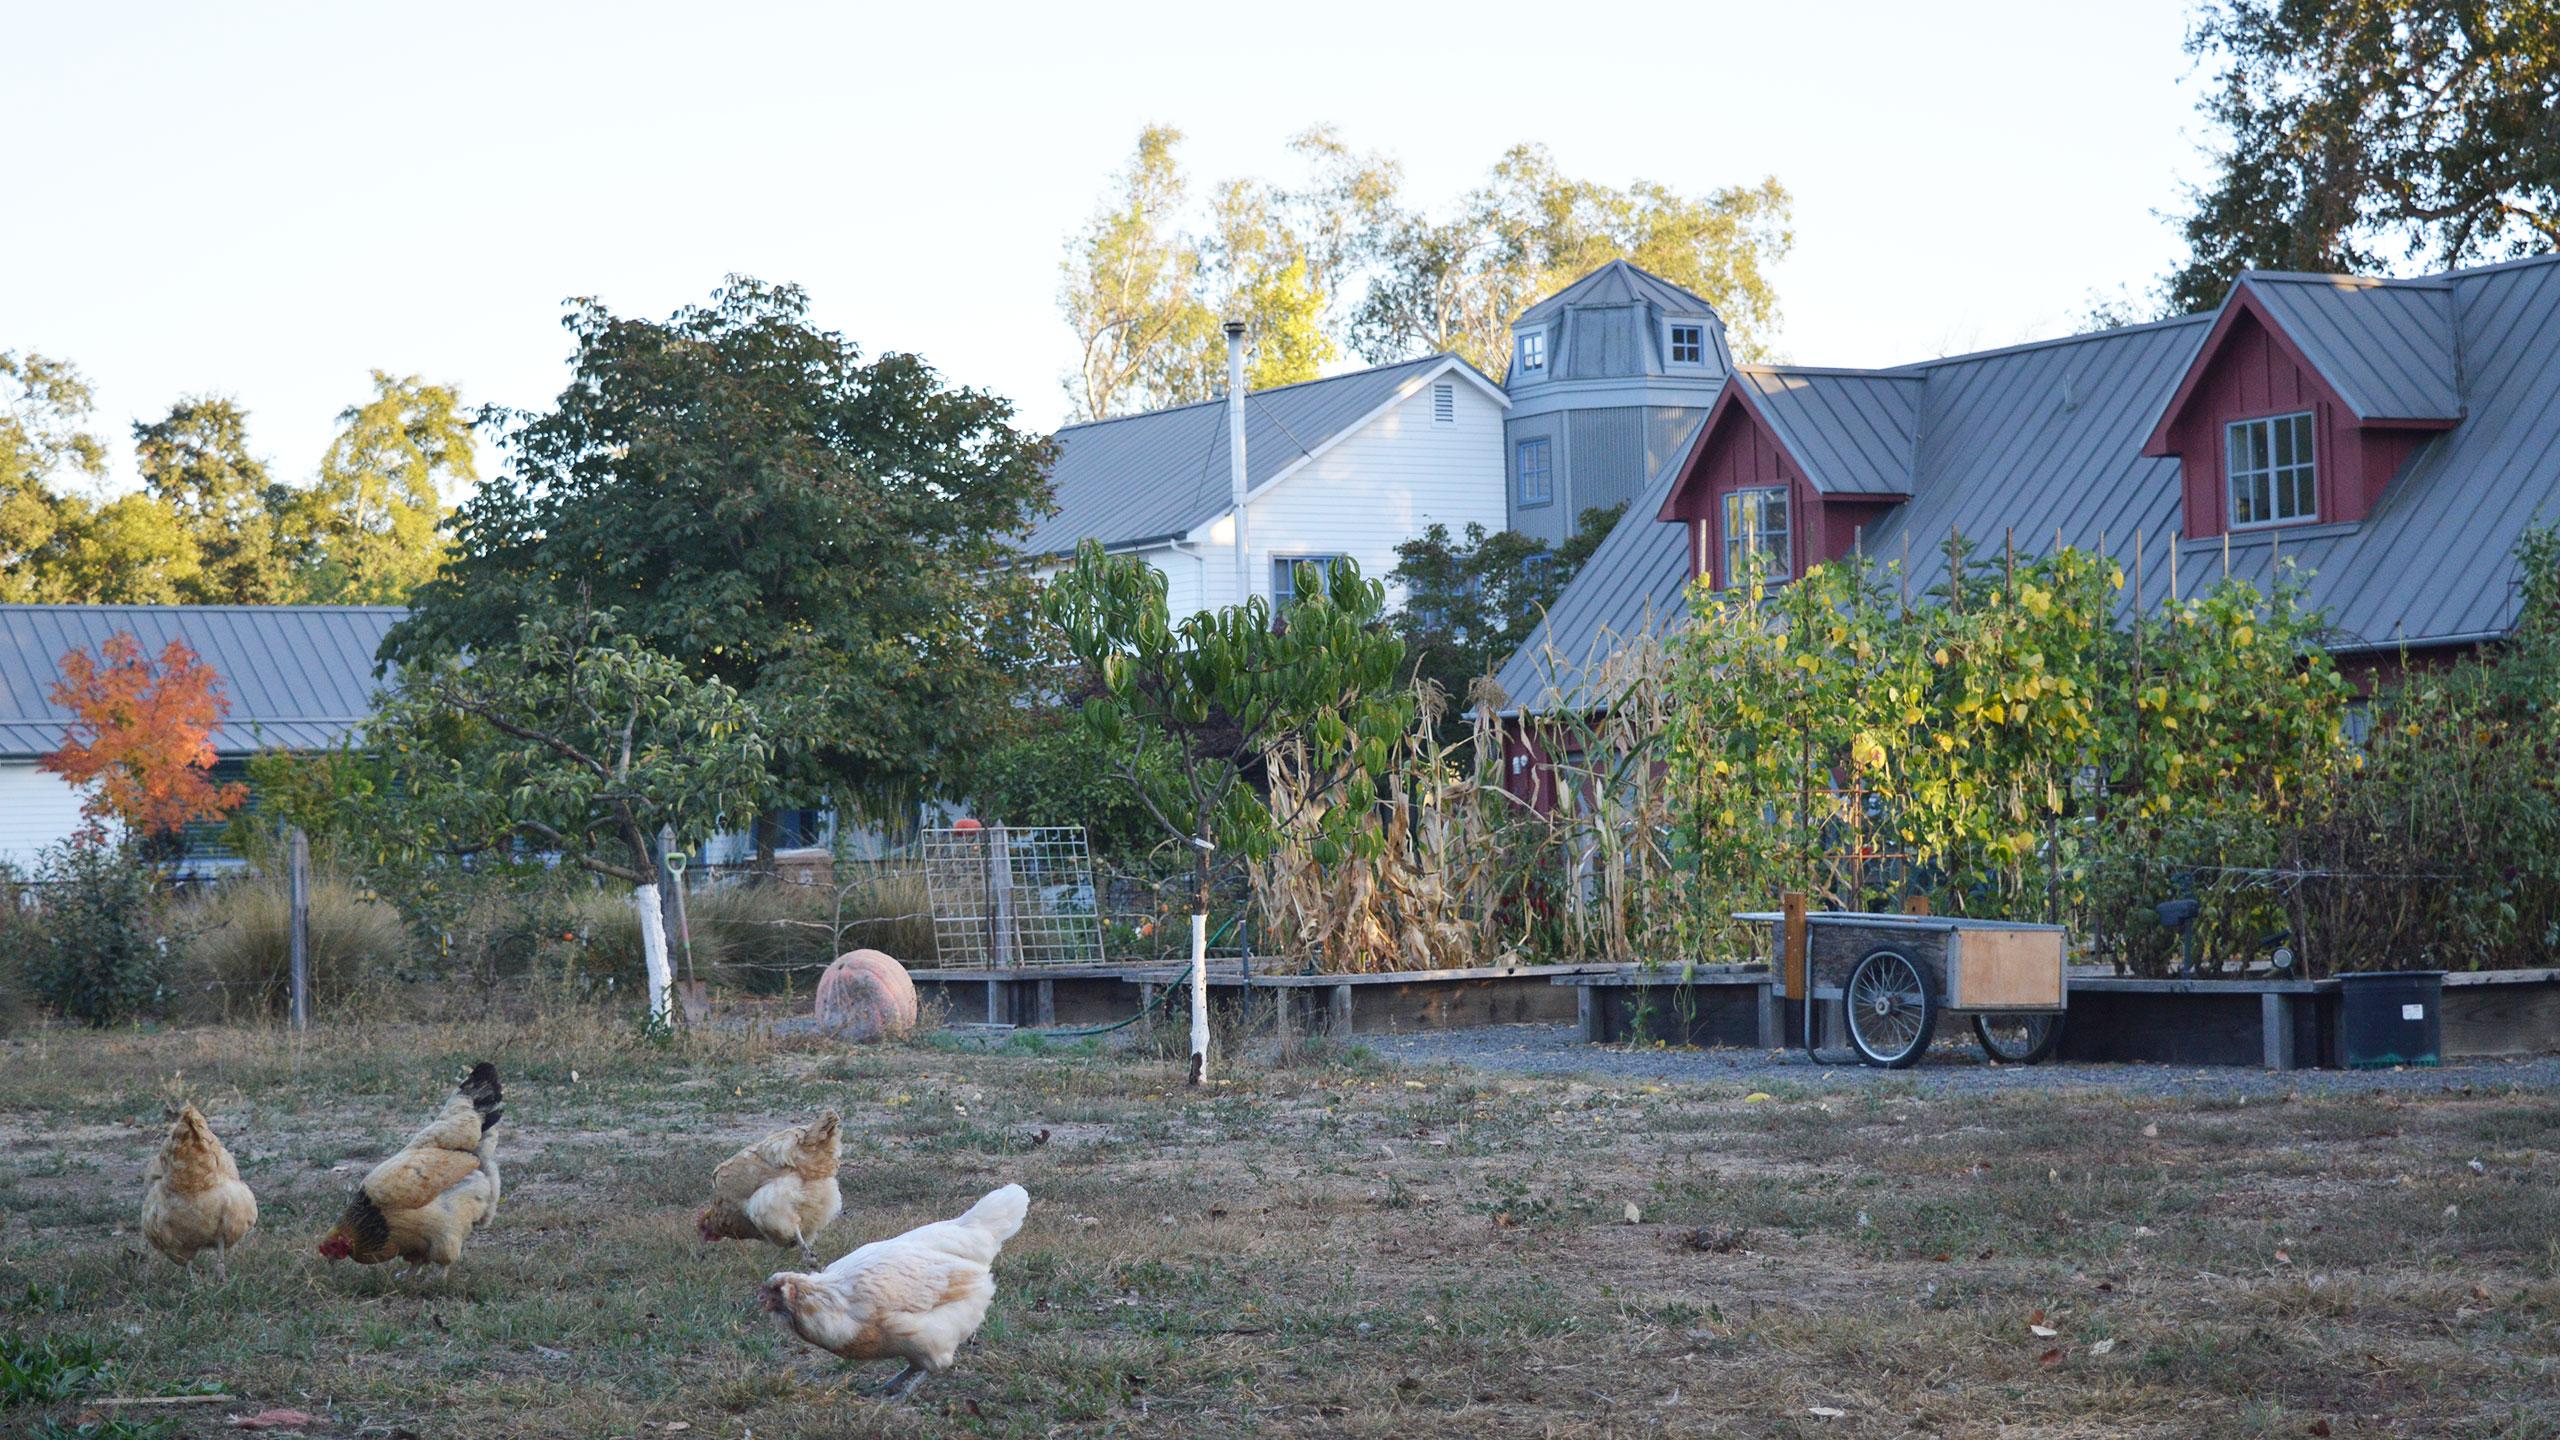 Napa-Farmhouse-chicken-&-gardens